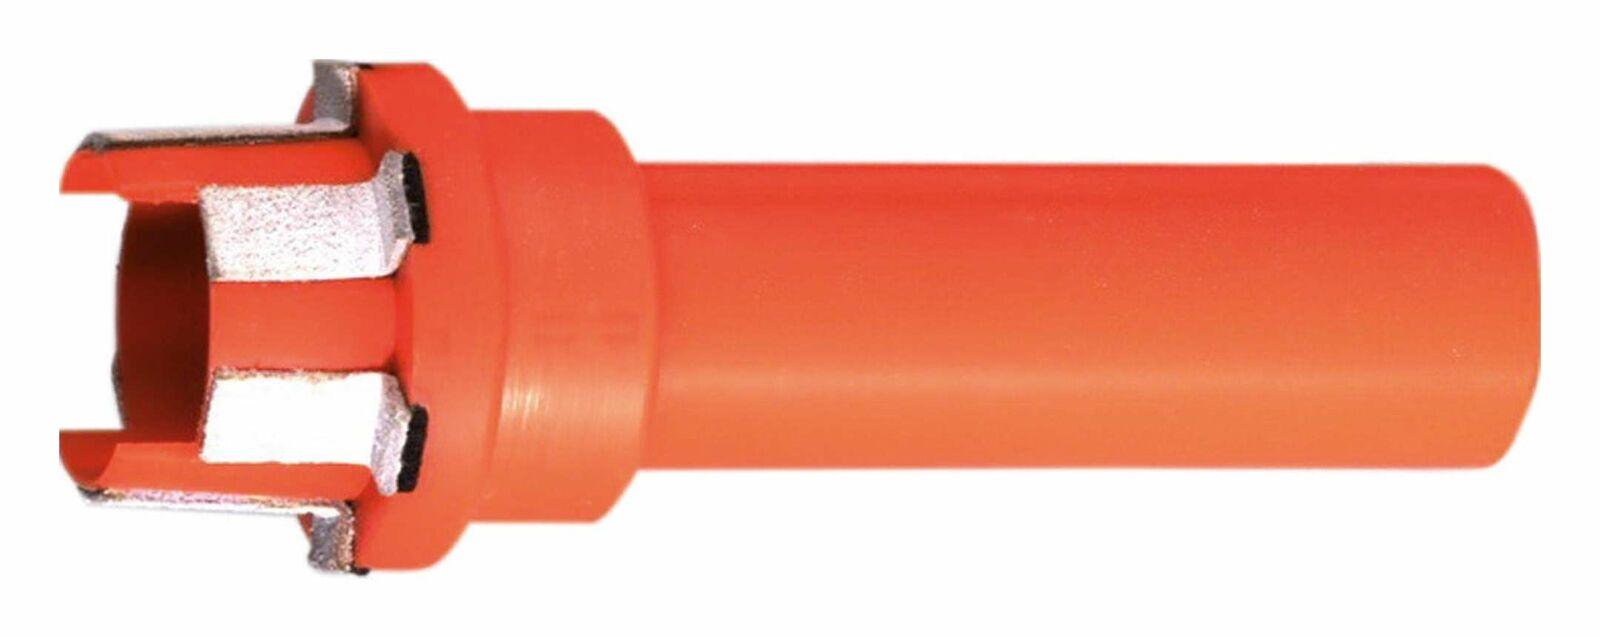 Präzidform Kegelwischer Kunststoff HSK63 Präzisionsform | Auktion  | Haltbarkeit  | Ausgezeichnet  | Geeignet für Farbe